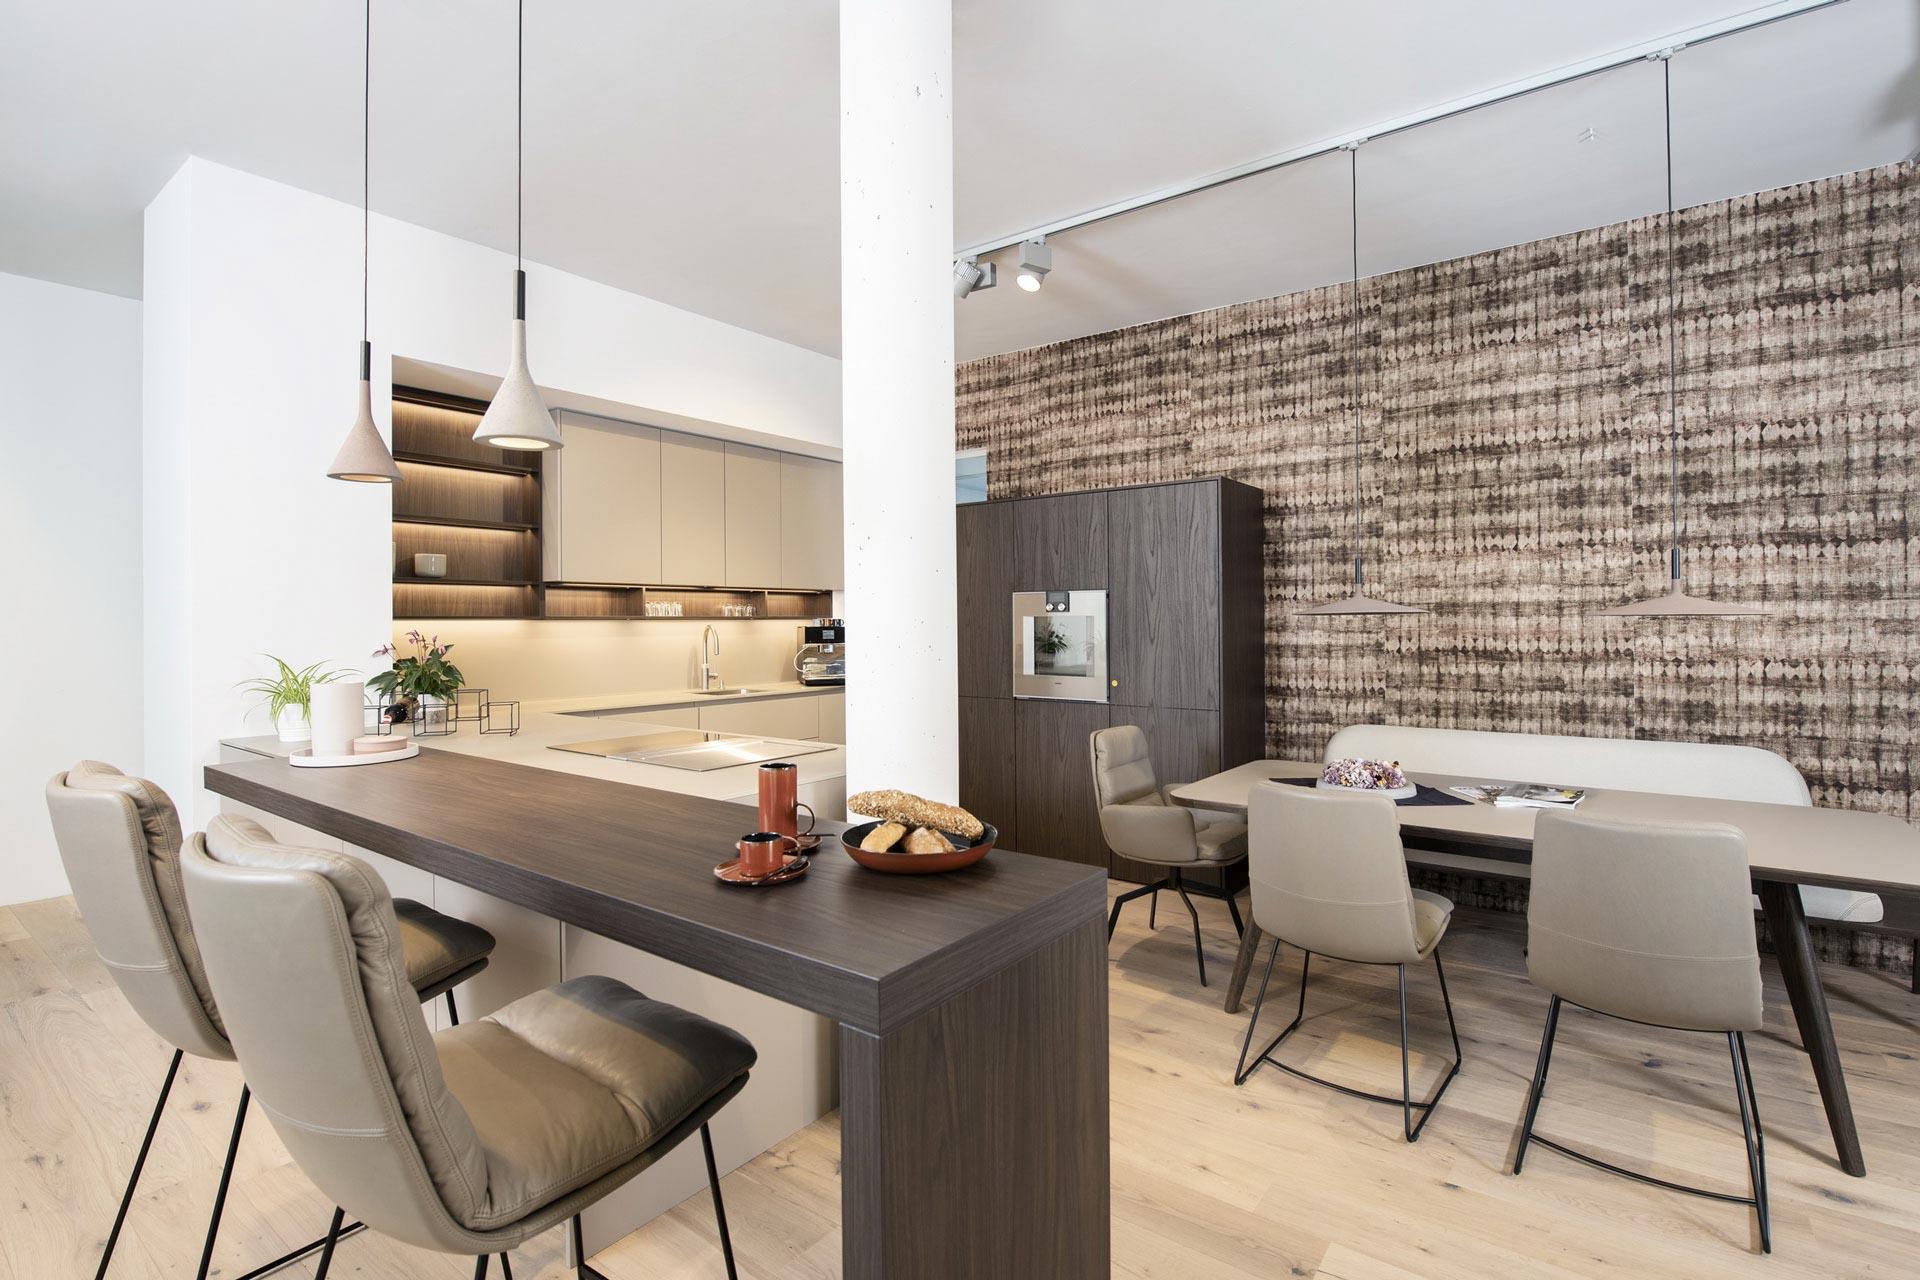 couchzone - Interior Design Innsbruck - Küche und Esstisch